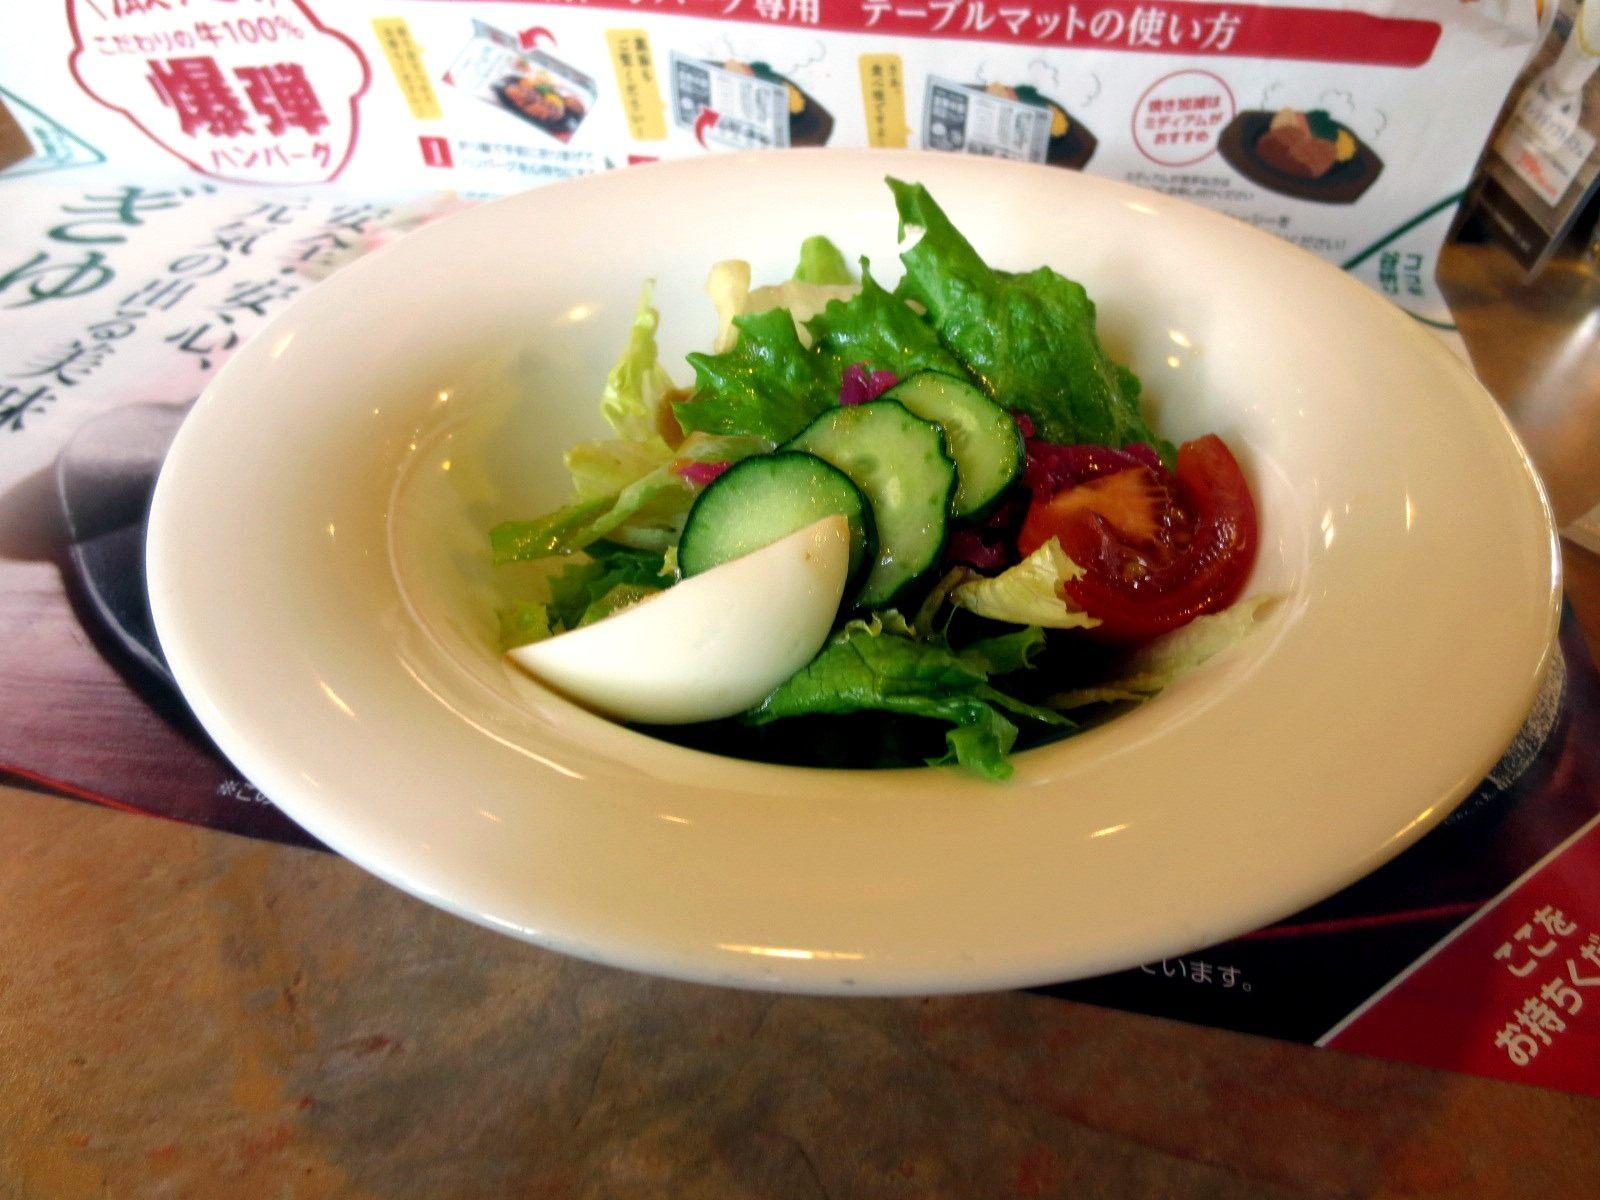 套餐裡的生菜沙拉